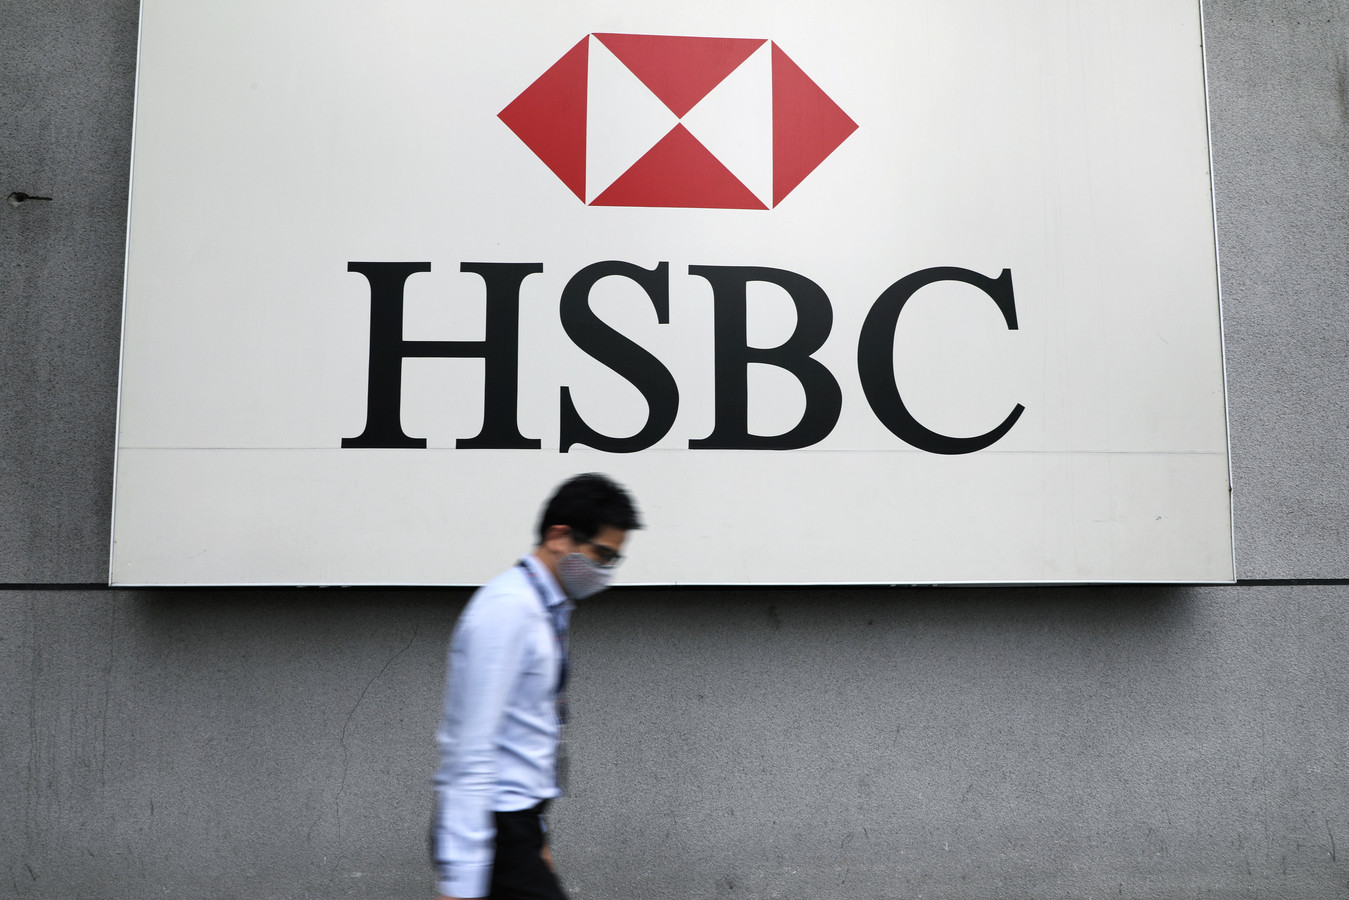 La banque a décidé de rendre obligatoire le port du masque dans ses agences au Royaume-Uni, sauf justification médicale (illustration).